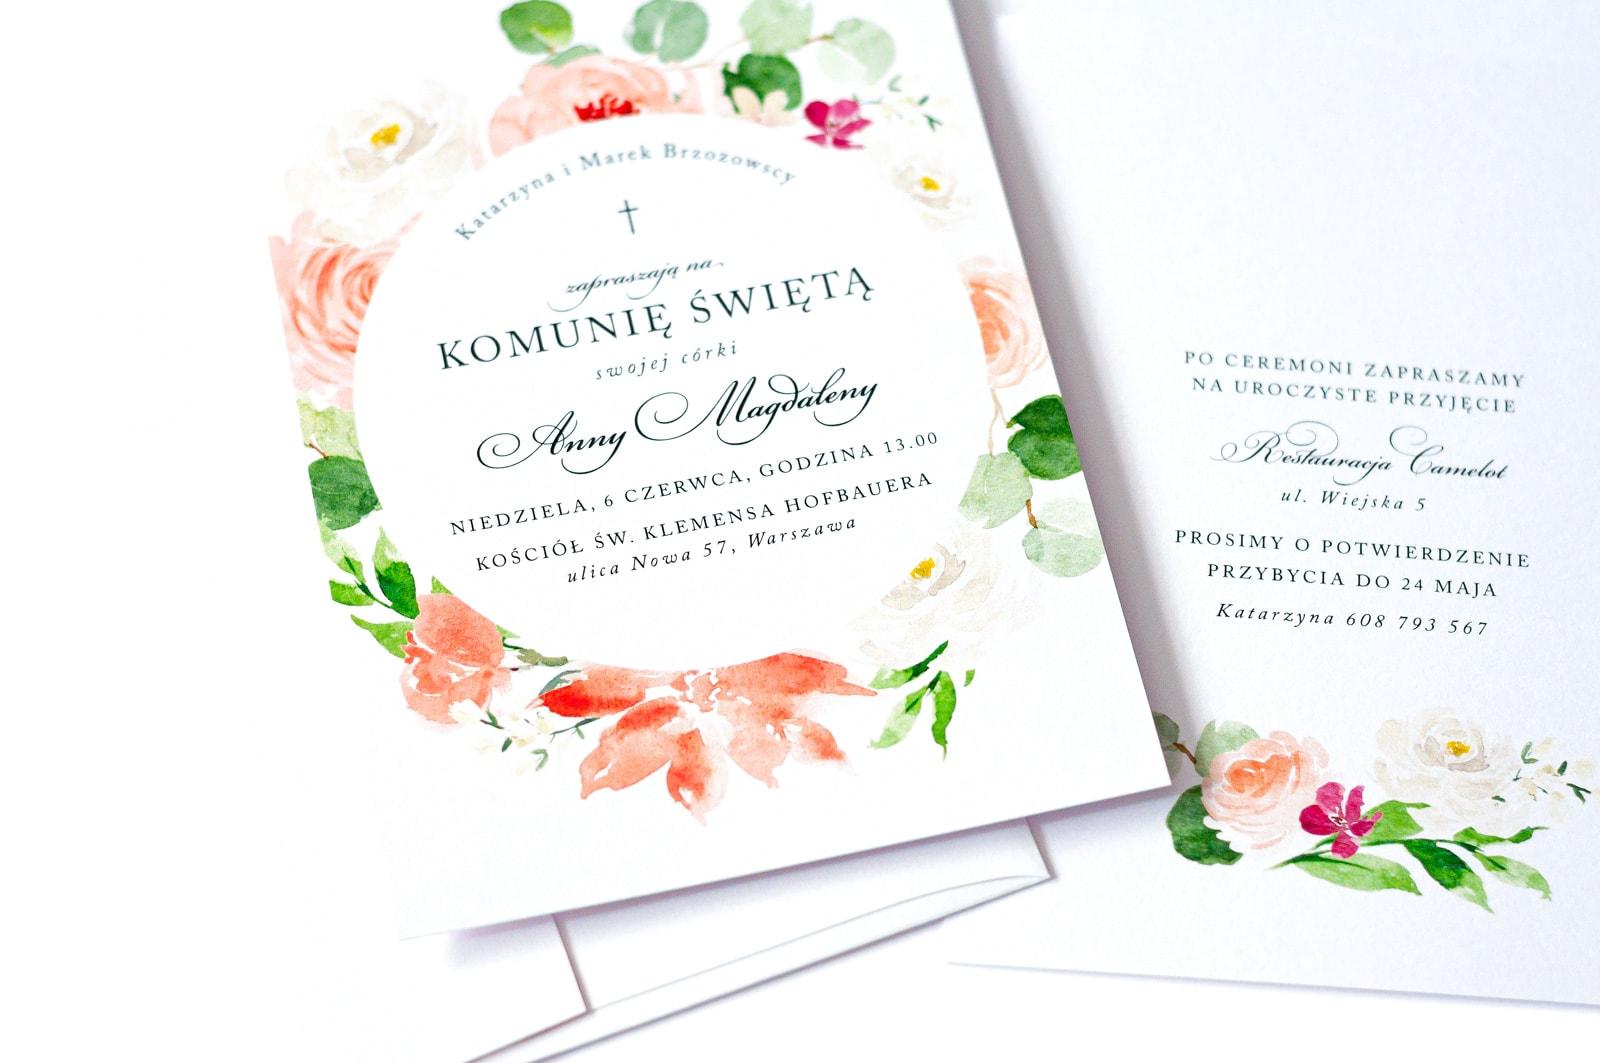 Zaproszenia na komunię świętą z akwarelowymi kwiatami